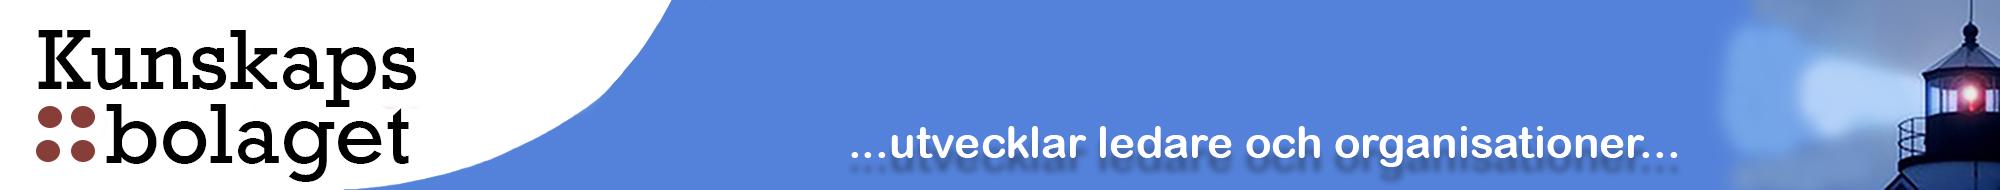 kunskapsbolagets logga för web